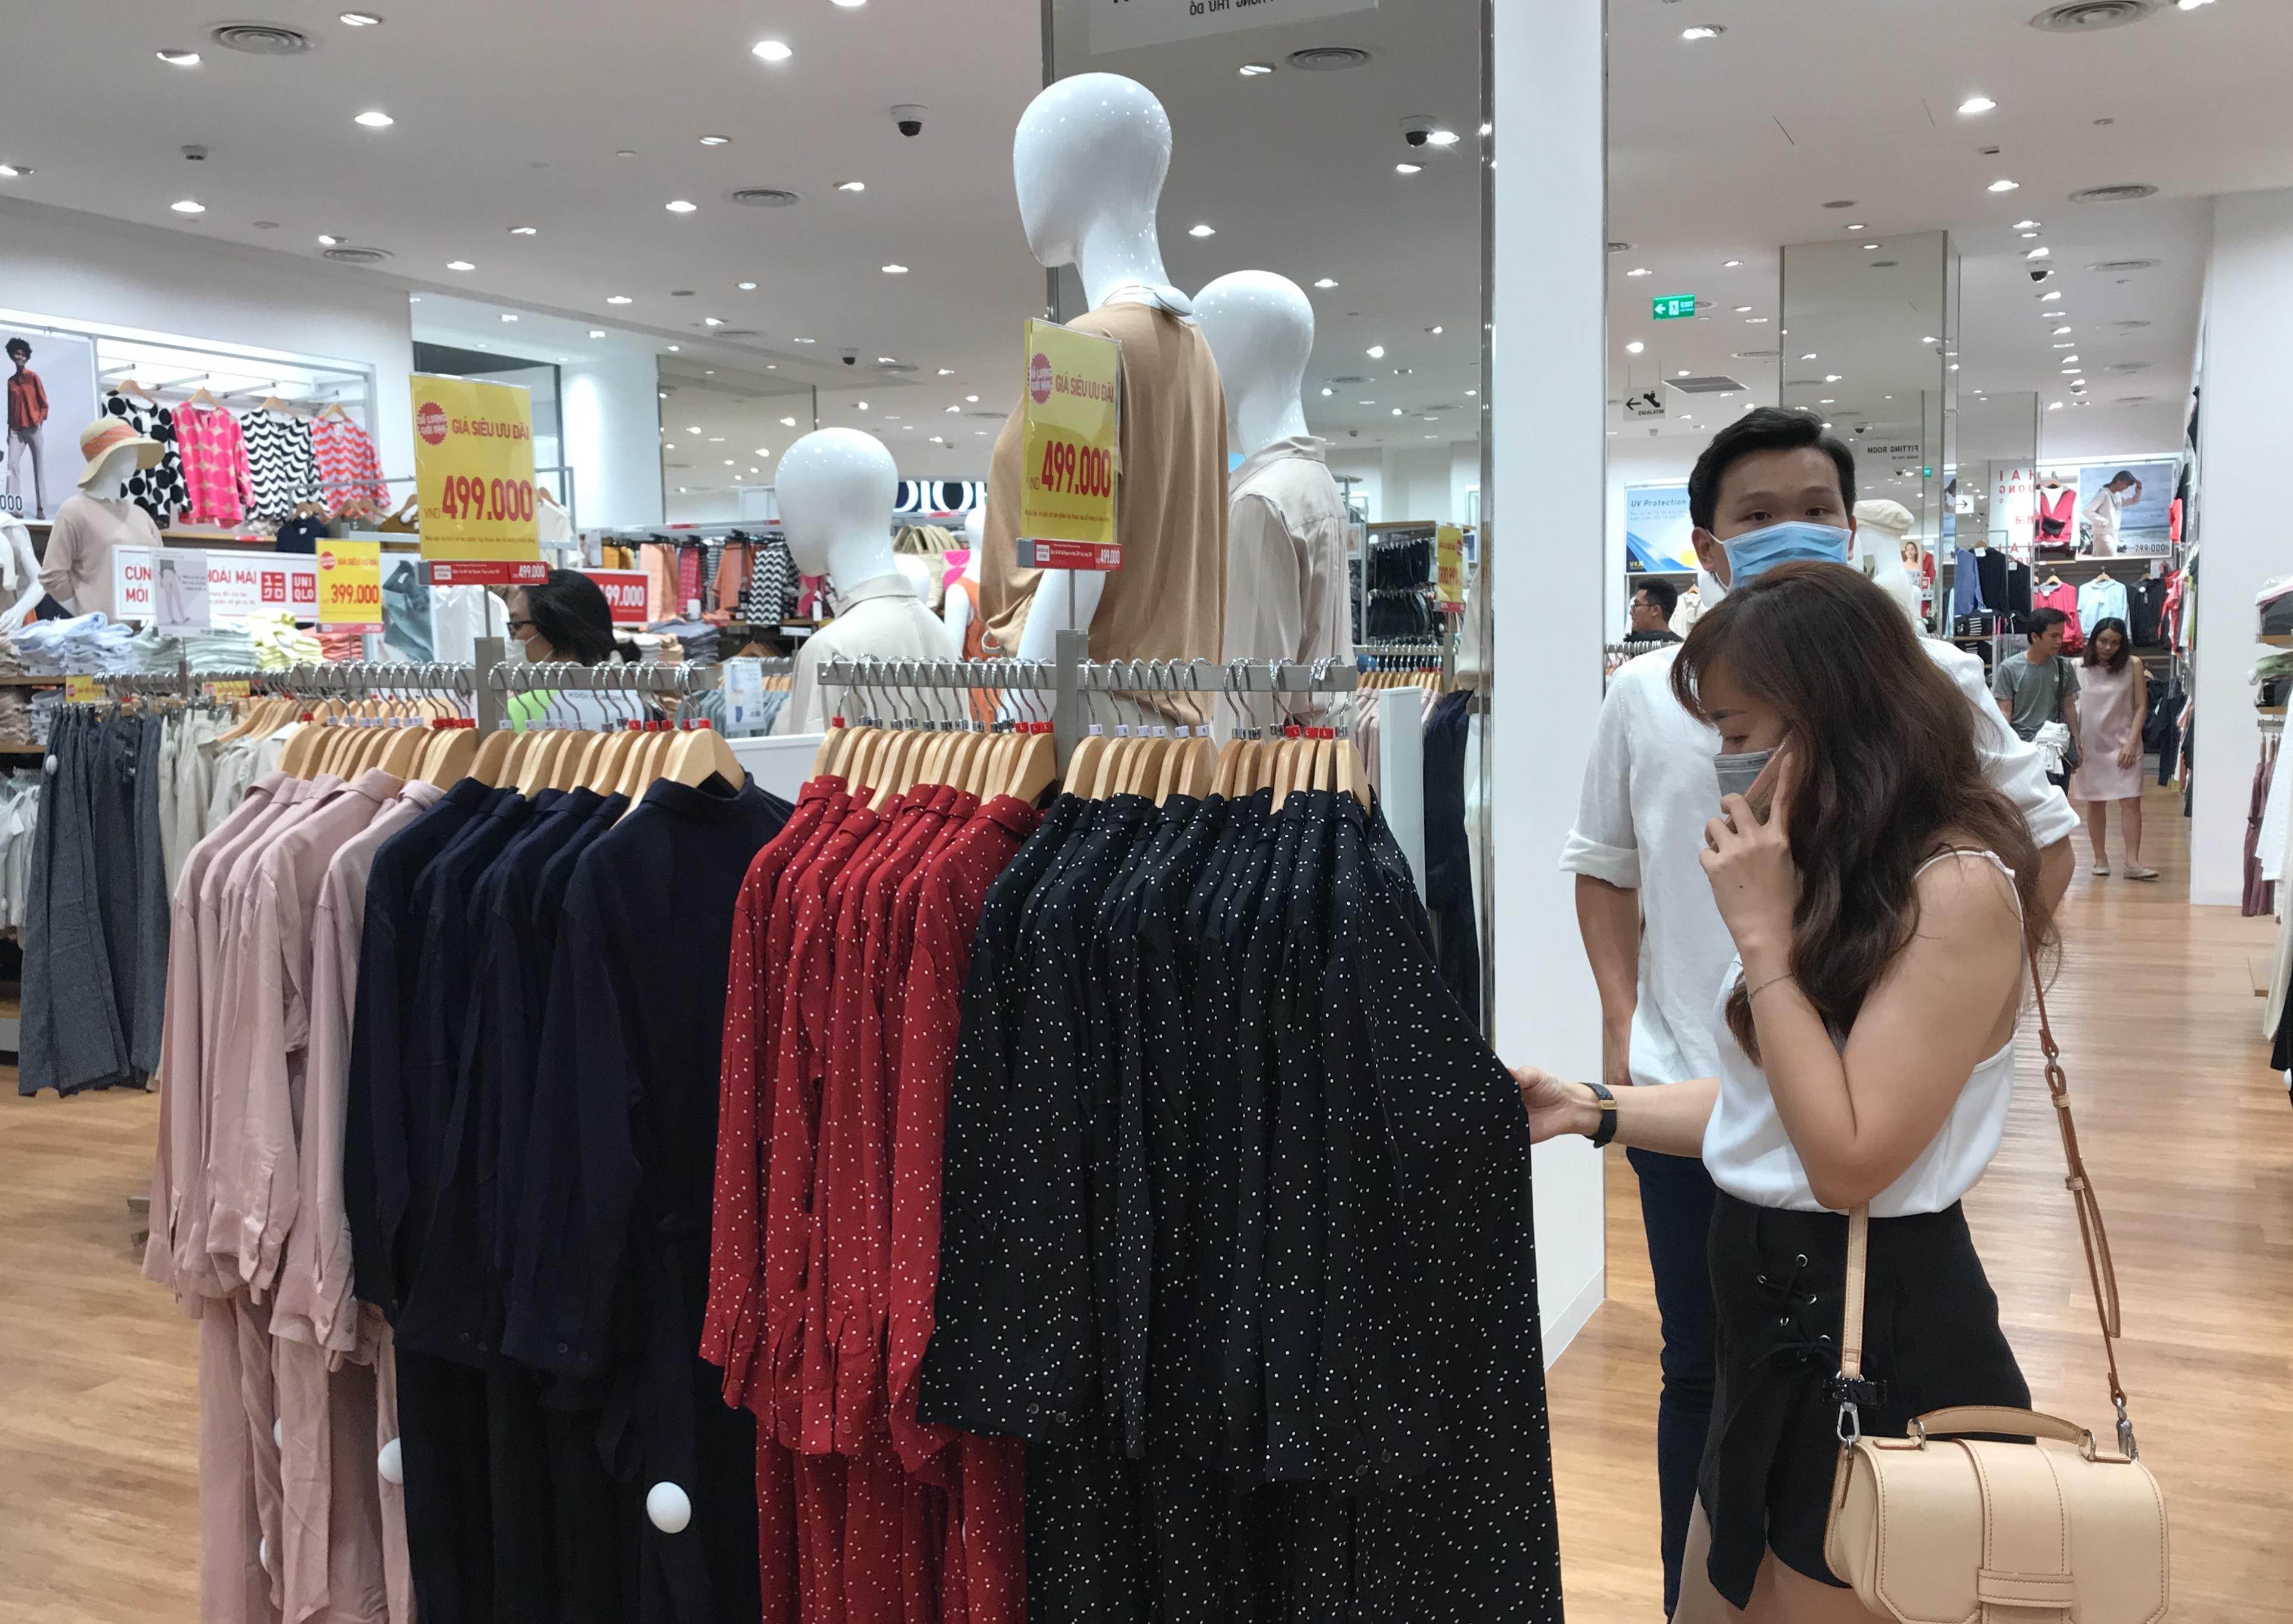 Hàng hiệu lần đầu giảm giá kịch trần lên 100%, người Sài Gòn đổ xô đi mua sắm hậu COVID-19 - Ảnh 4.